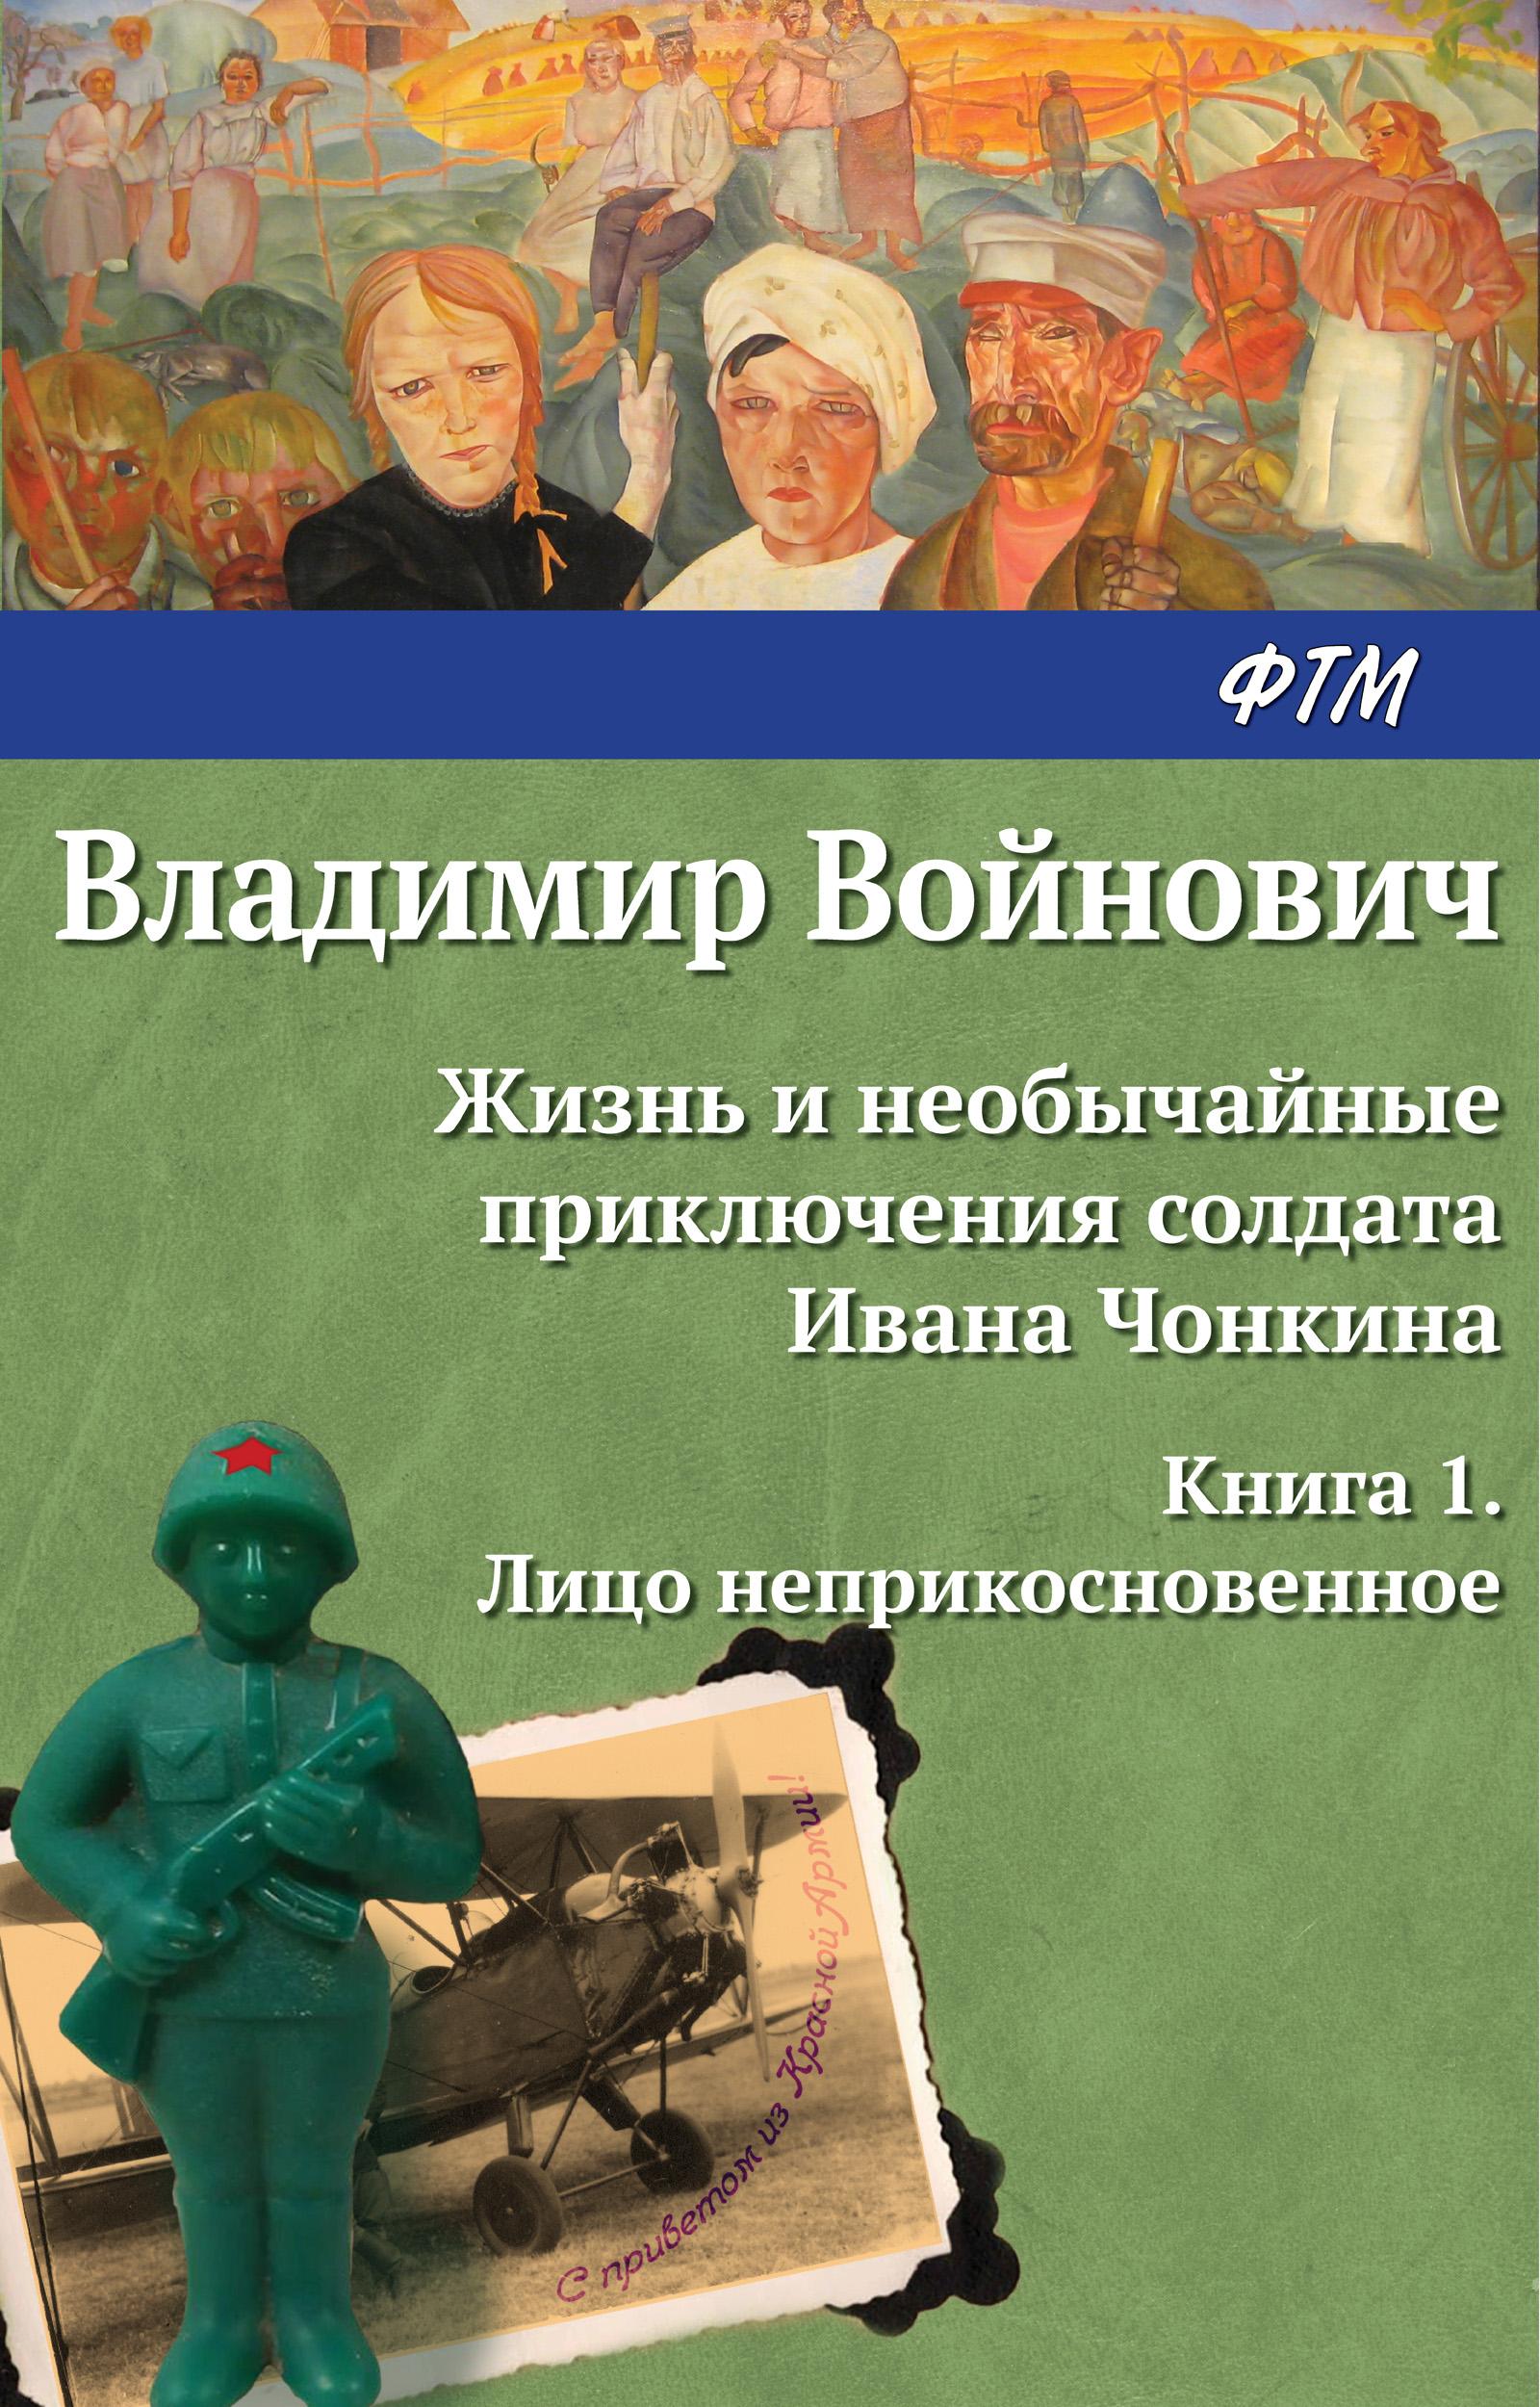 Владимир Войнович Жизнь и необычайные приключения солдата Ивана Чонкина. Лицо неприкосновенное